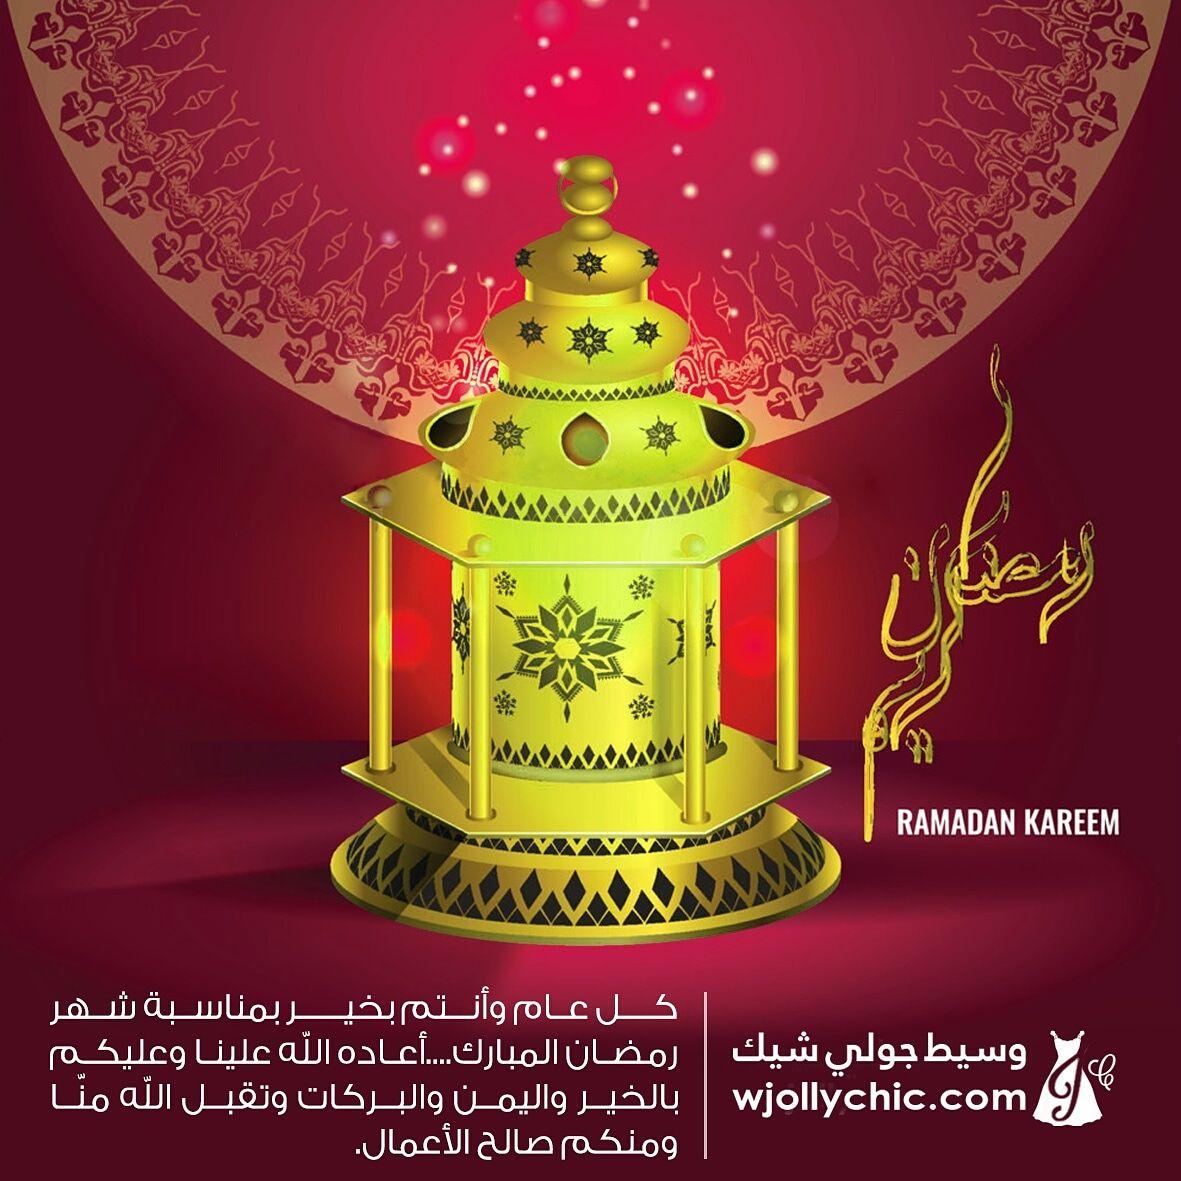 شهر رمضان مبارك ع الجميع كل عام والأمة العربية والاسلامية بخير اسأل الله كما اكرمنا ببلوغ رمضان أن يوفقنا وي Novelty Lamp Ramadan Kareem Table Lamp